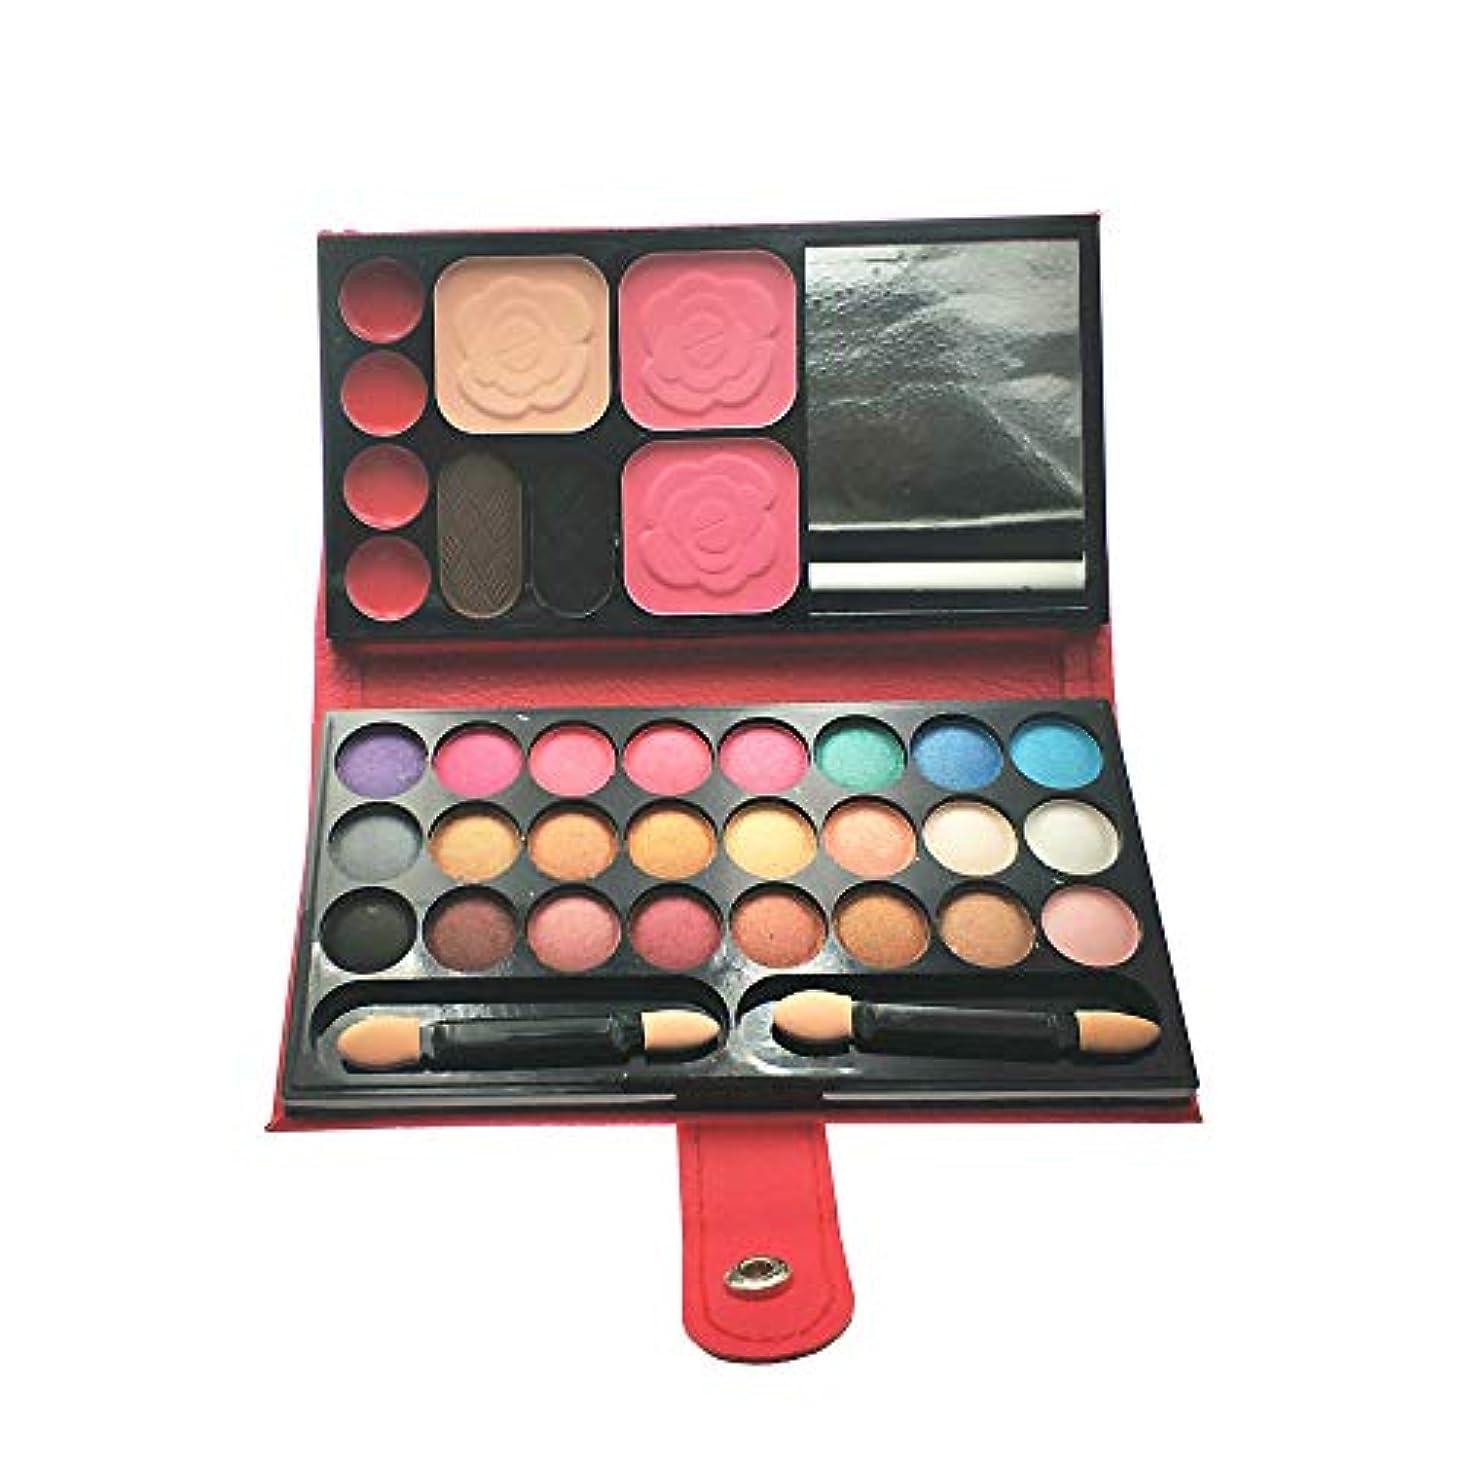 代わりの適合する気体の携帯用多機能化粧品ケース,アイシャドウ、赤面、口紅、眉毛パウダー